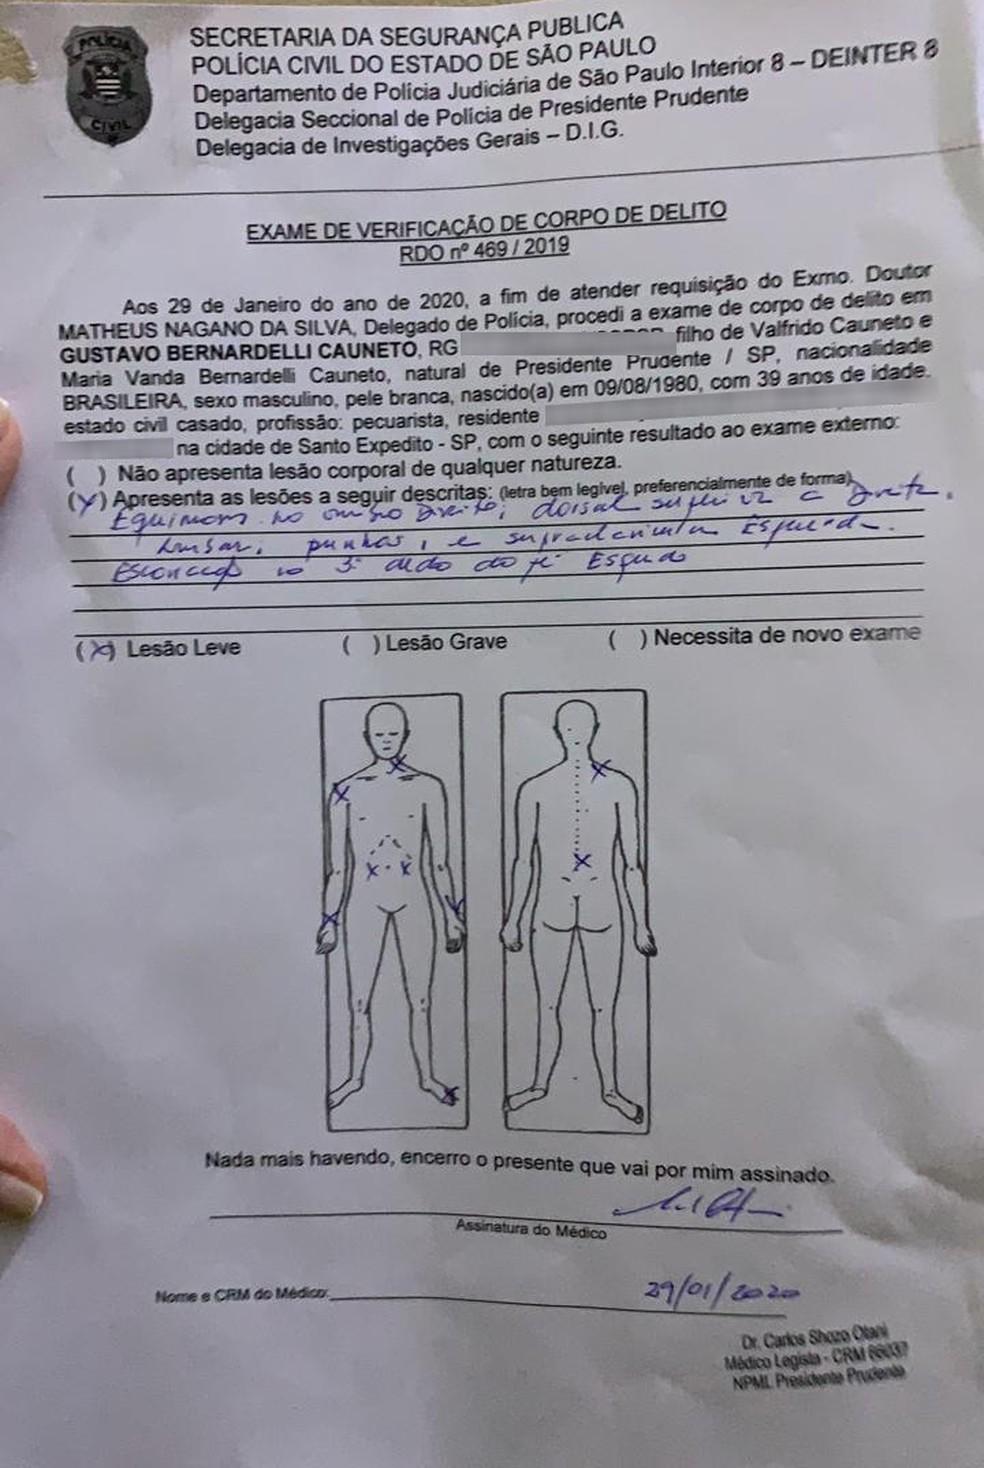 Laudo do exame de corpo de delito aponta que o suspeito possui lesões leves — Foto: Sílvia Duarte de Oliveira Couto/Cedida